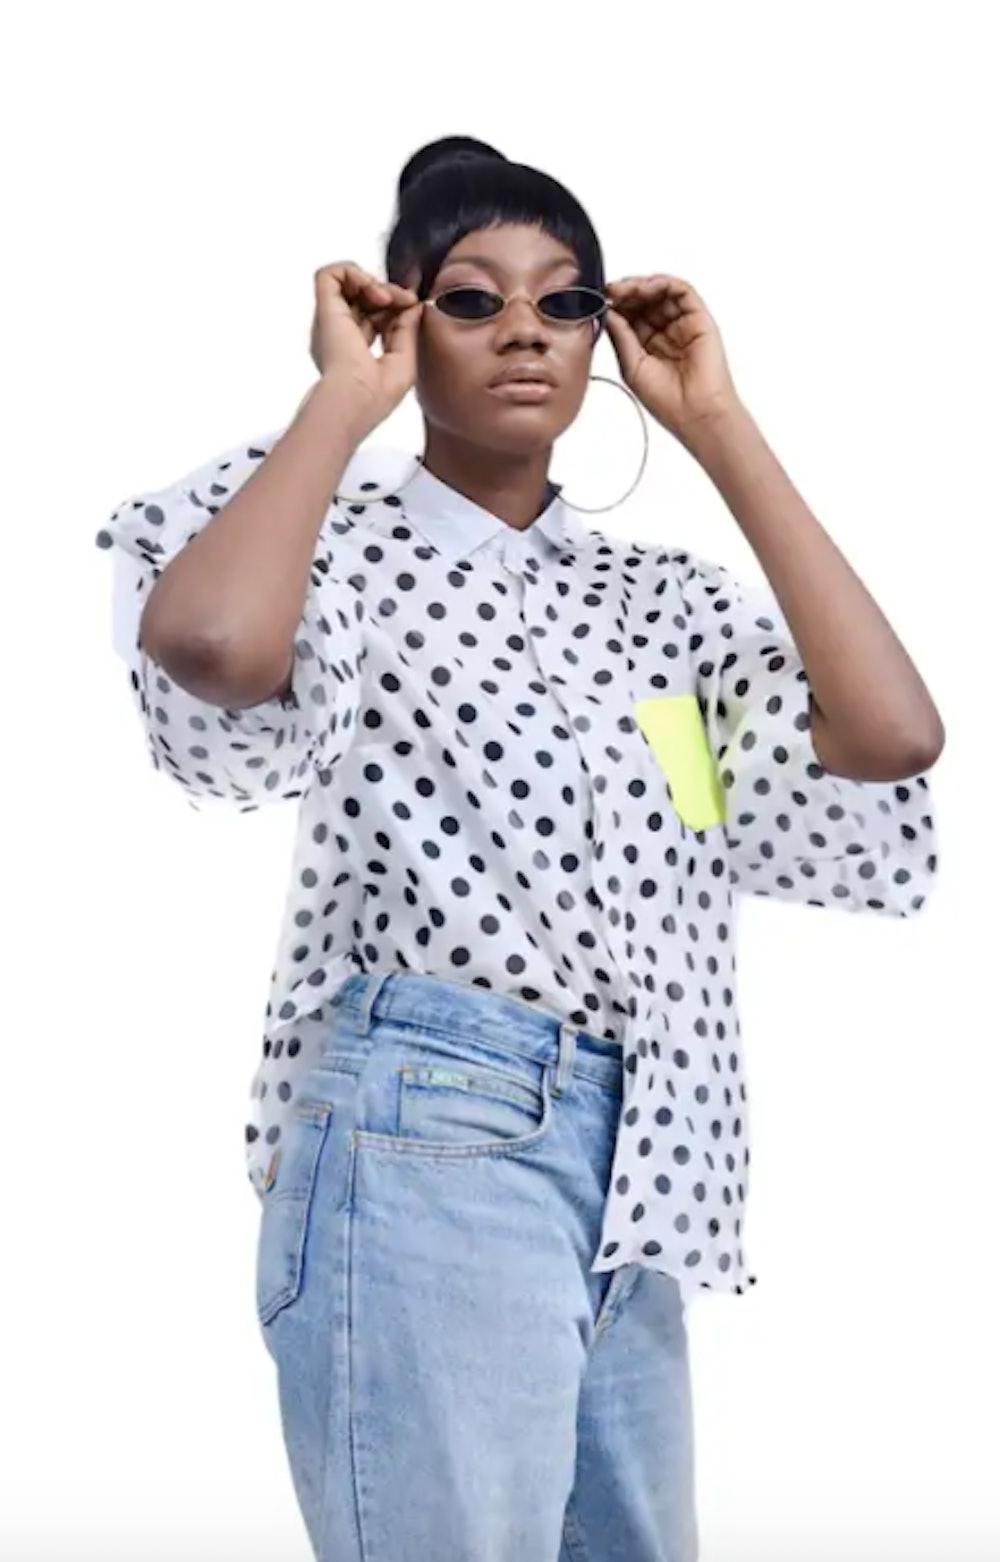 Fruché 'Jacq' Polka Dot Shirt with Neon Pocket Detail